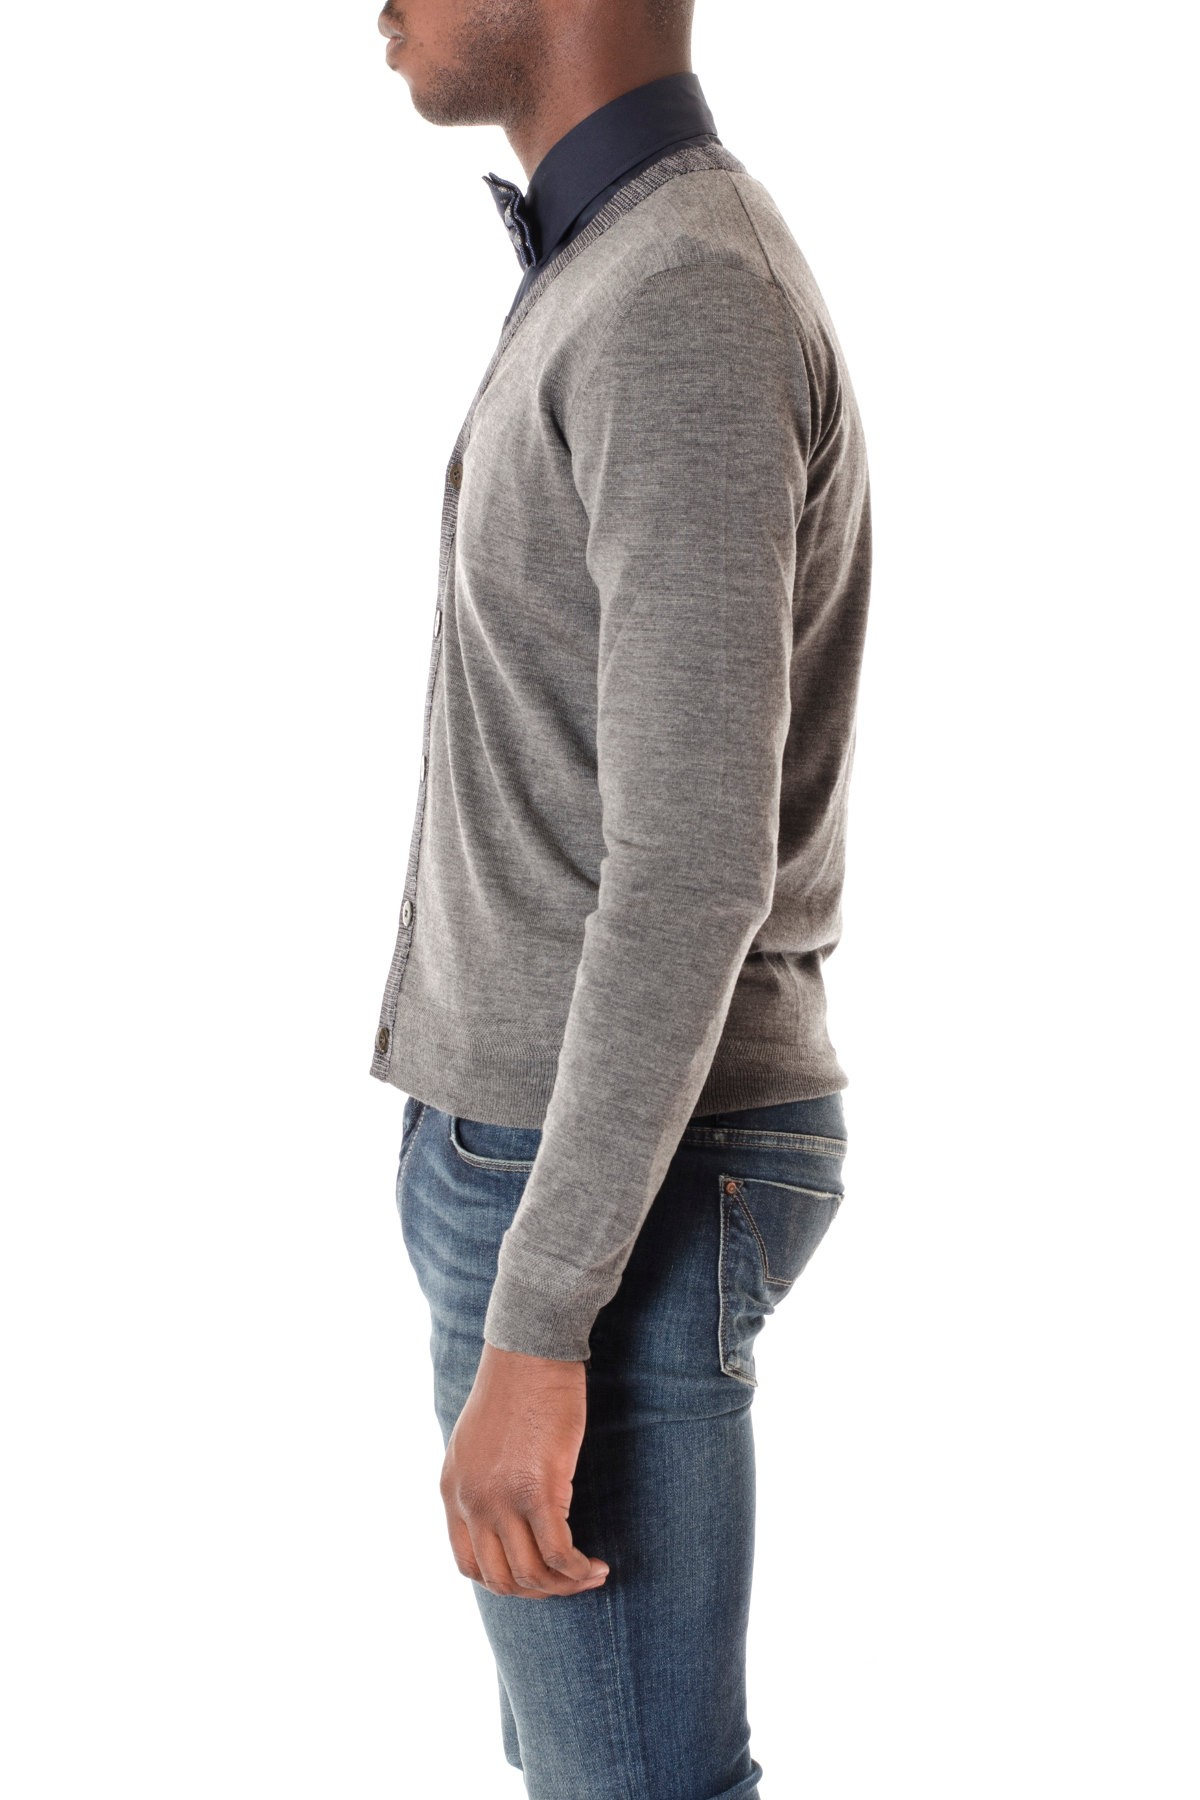 new arrival d9c05 b261a Cardigan per uomo in maglia di lana ETRO A/I colore grigio ...